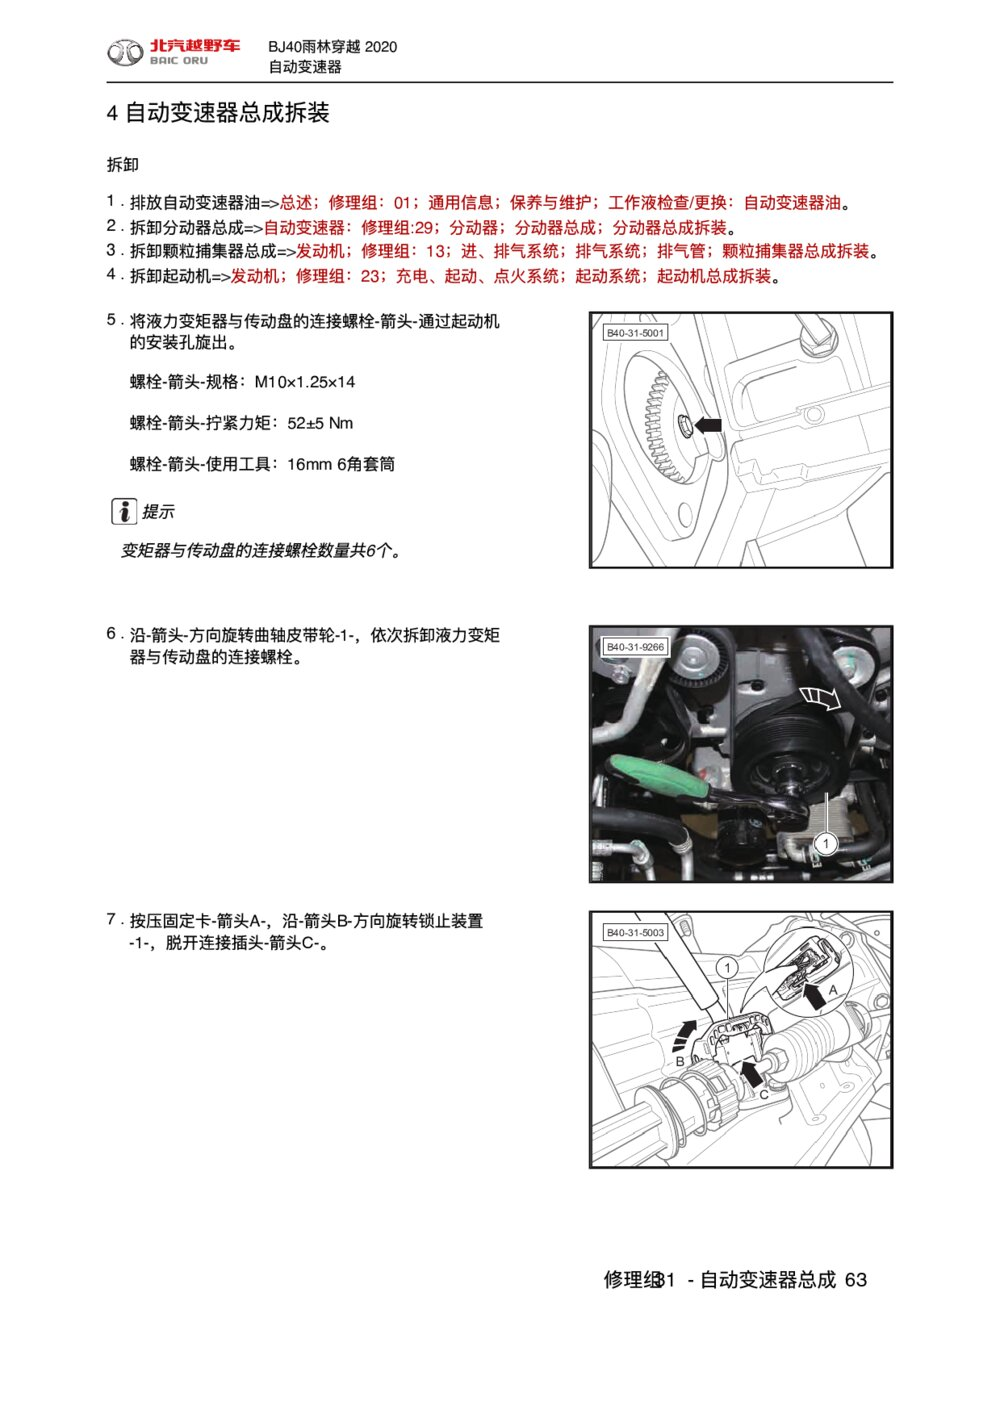 2020款北京BJ40雨林穿越版自动变速器总成拆装